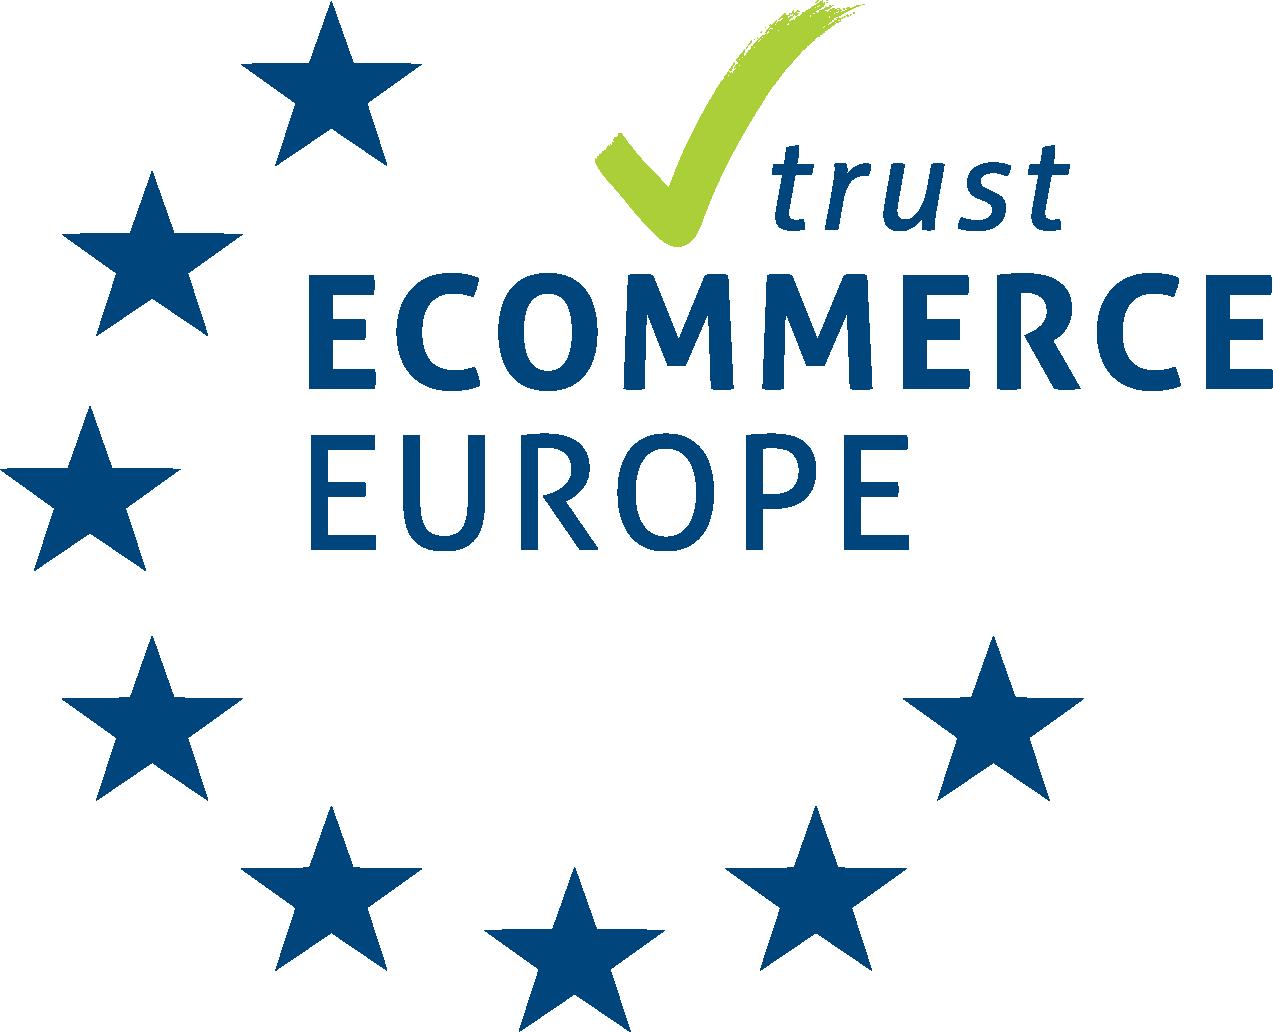 Trustmark Ecommerce